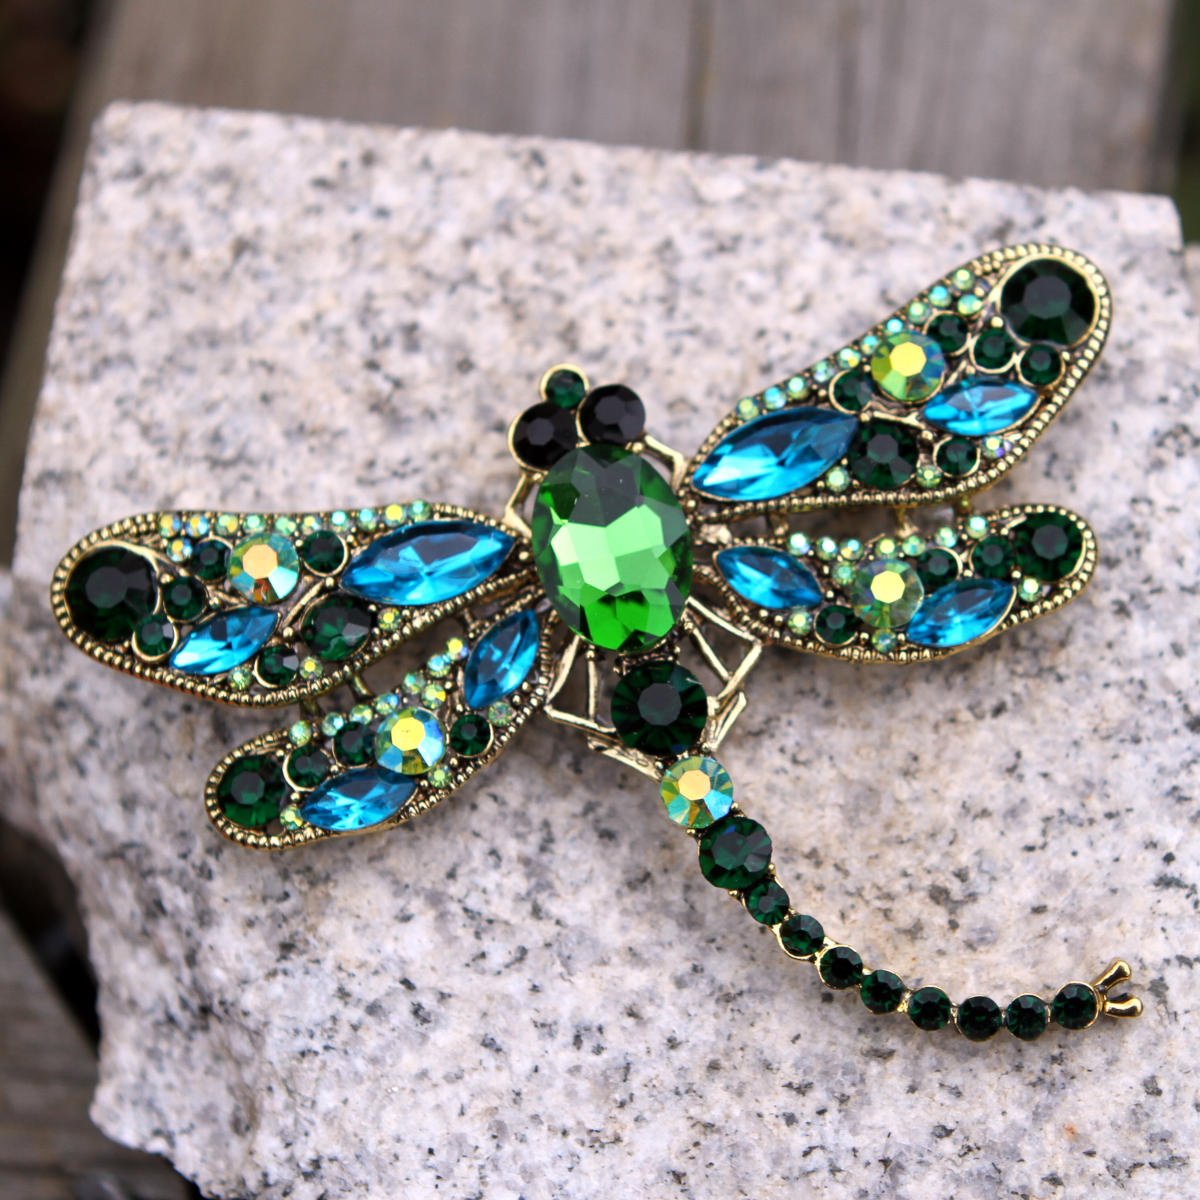 Diese Libellenbrosche aus Glassteinen ist ein charakteristisches Bijou